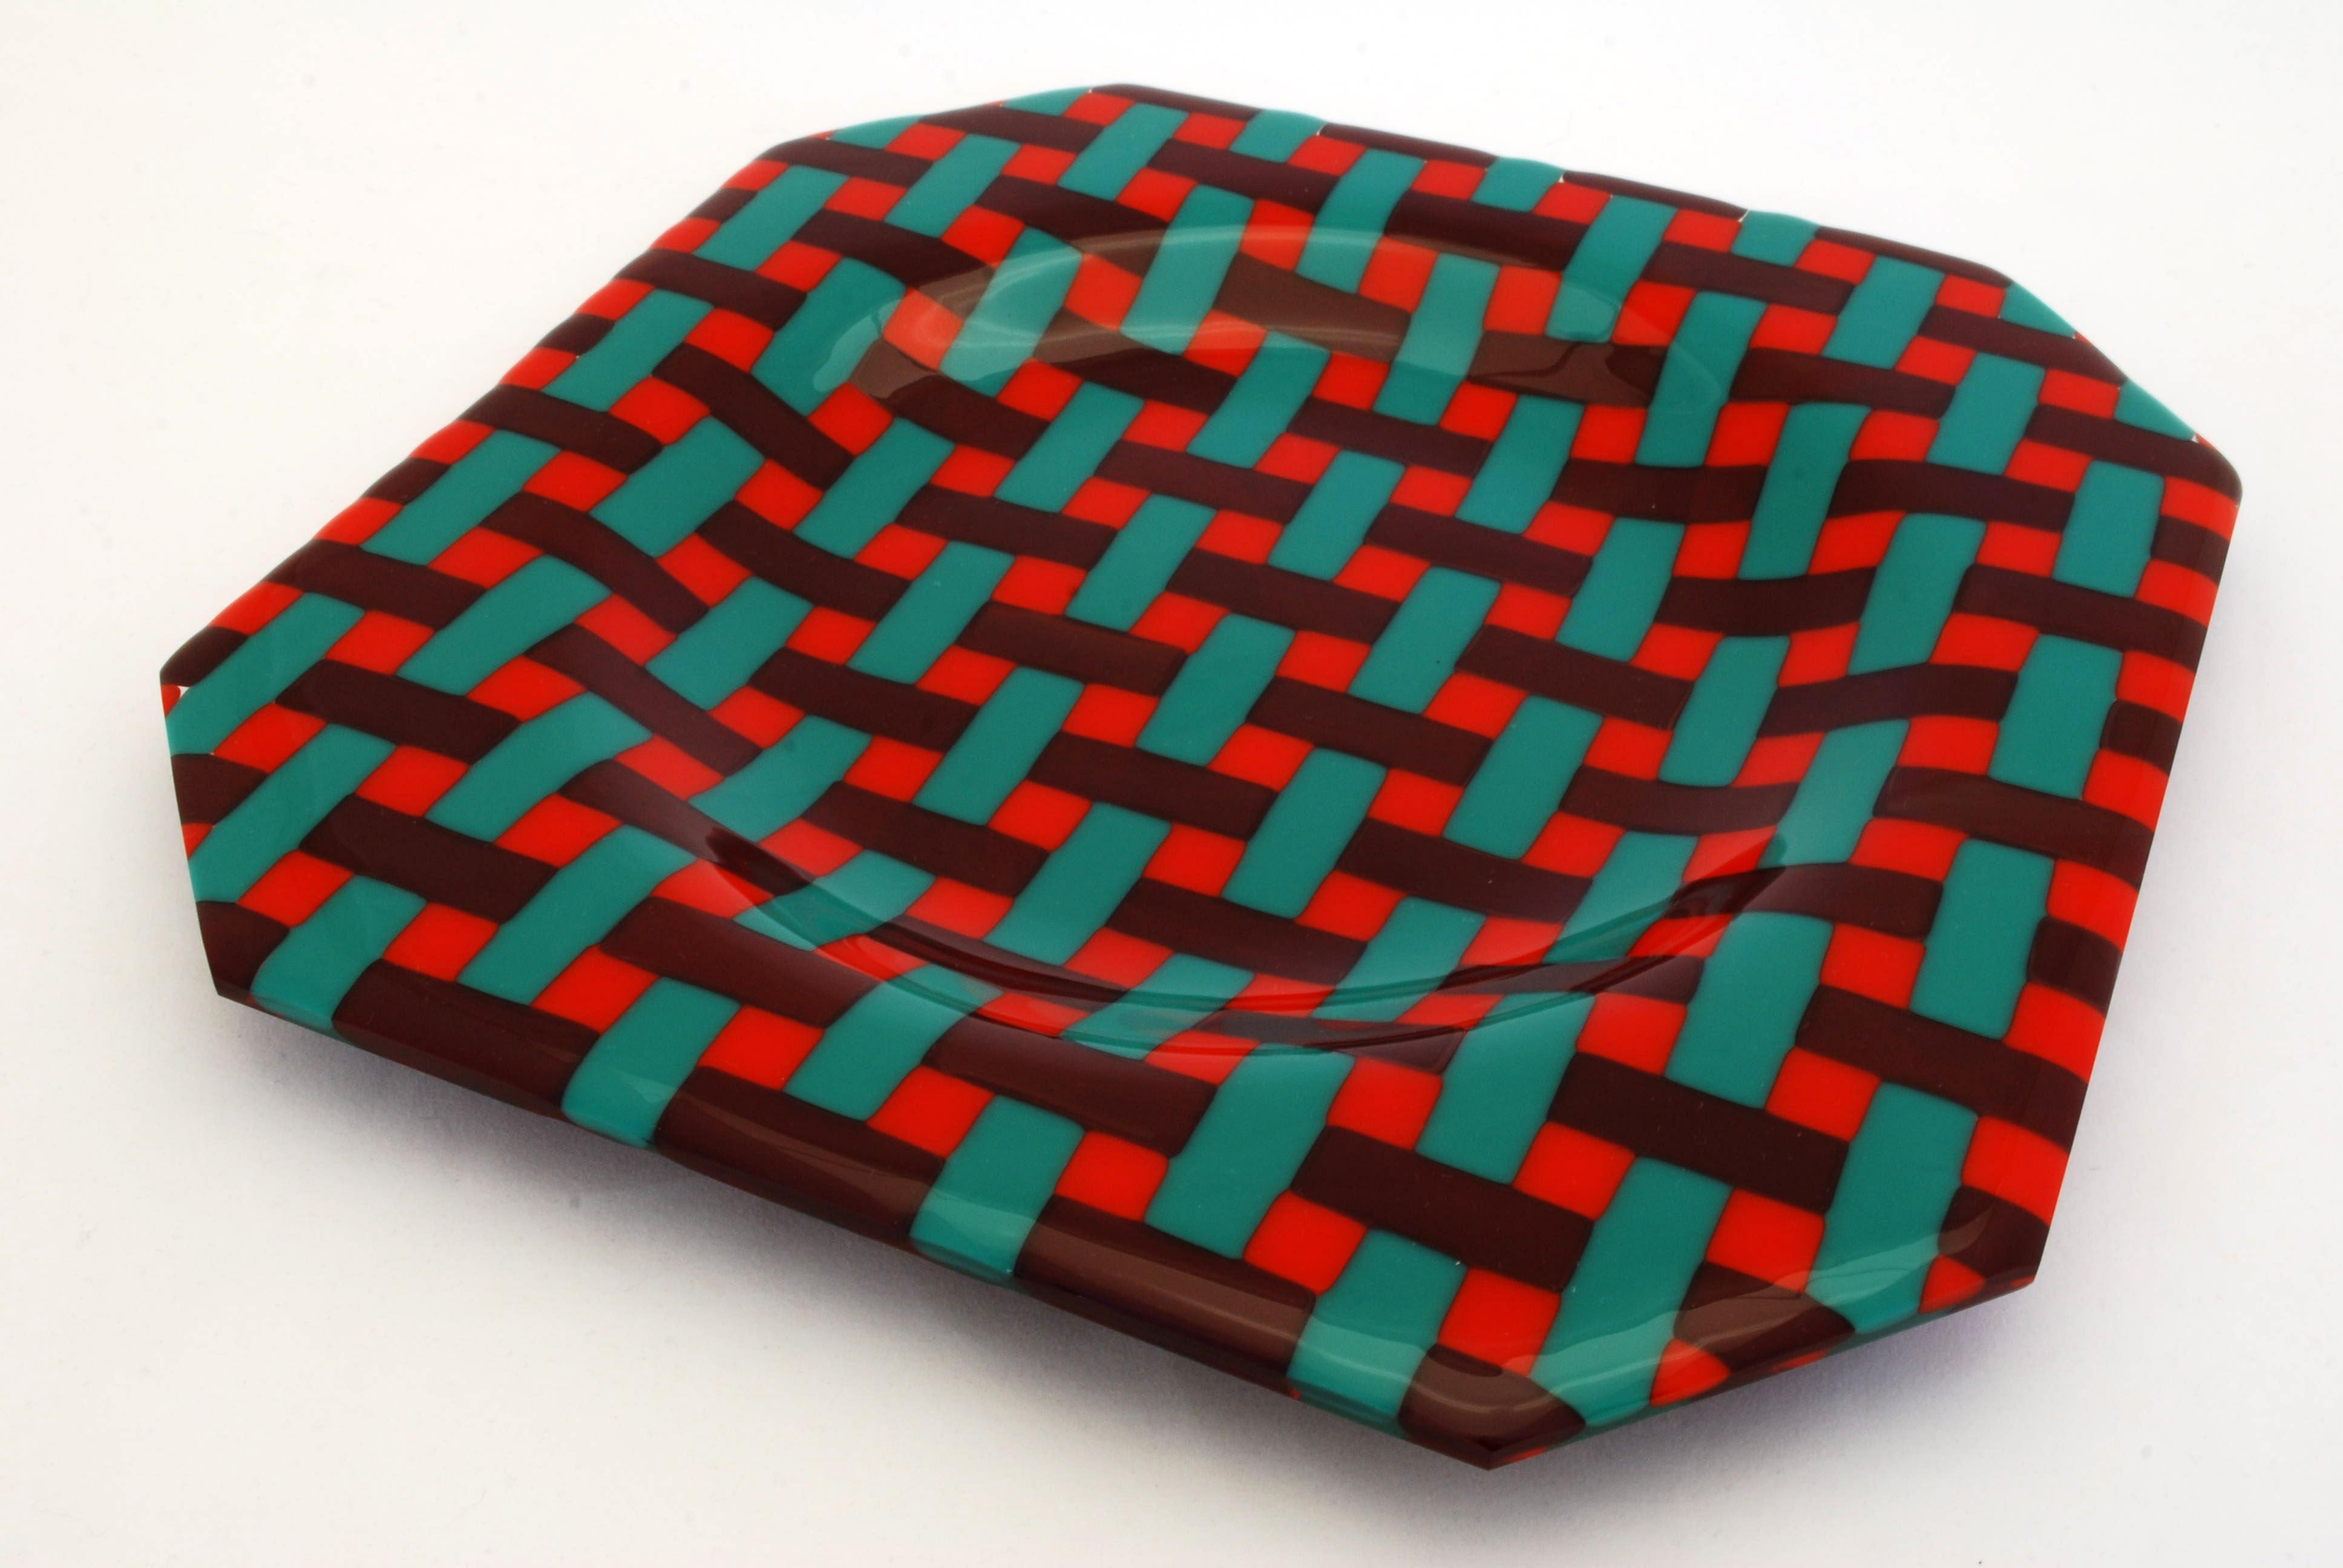 Plate, basket weave design